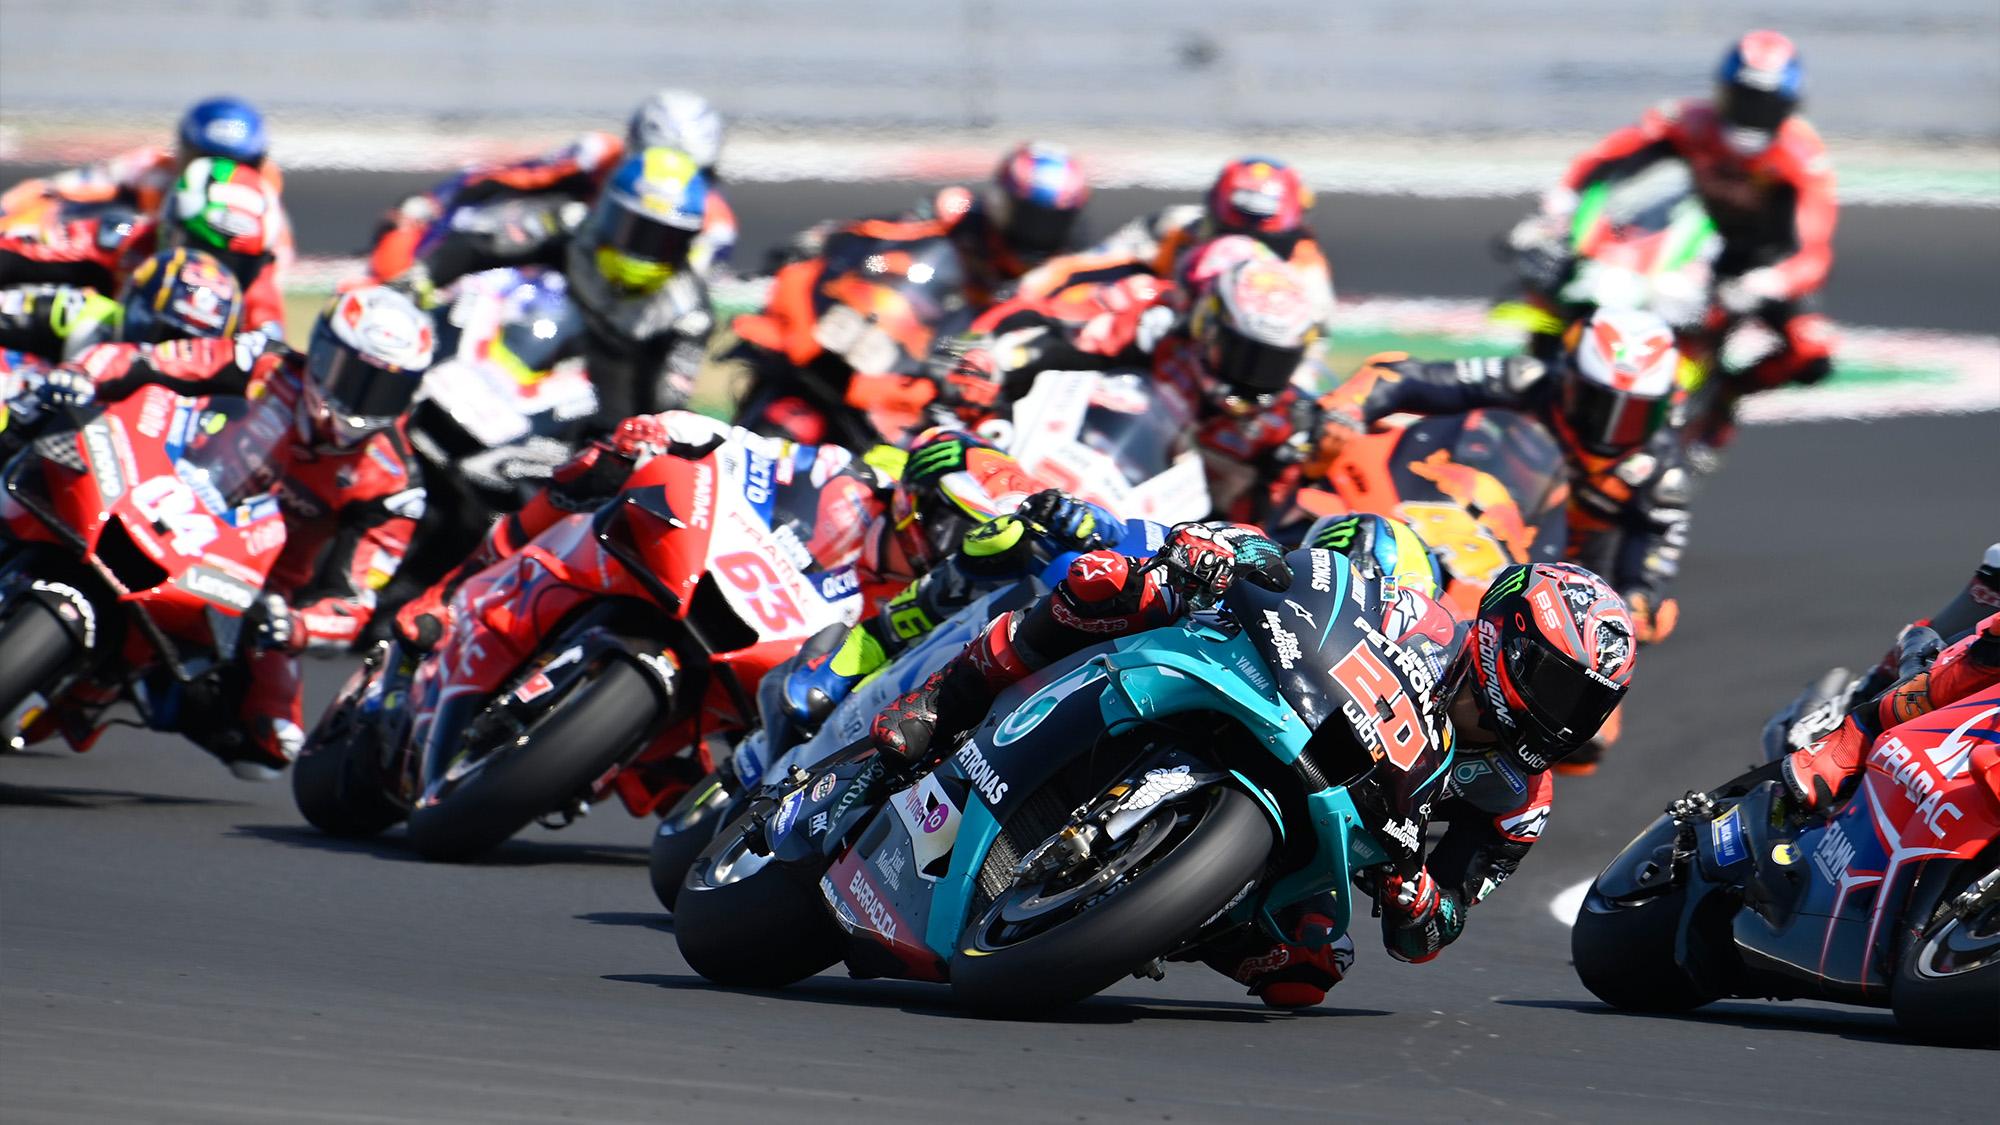 Who will win the 2020 MotoGP title: Ducati or Yamaha? Or Suzuki?